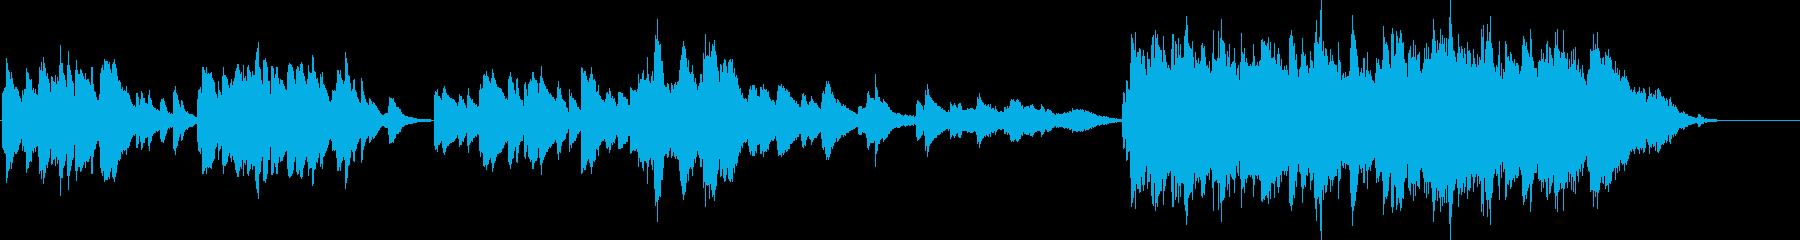 振り返る陽炎のピアノの再生済みの波形